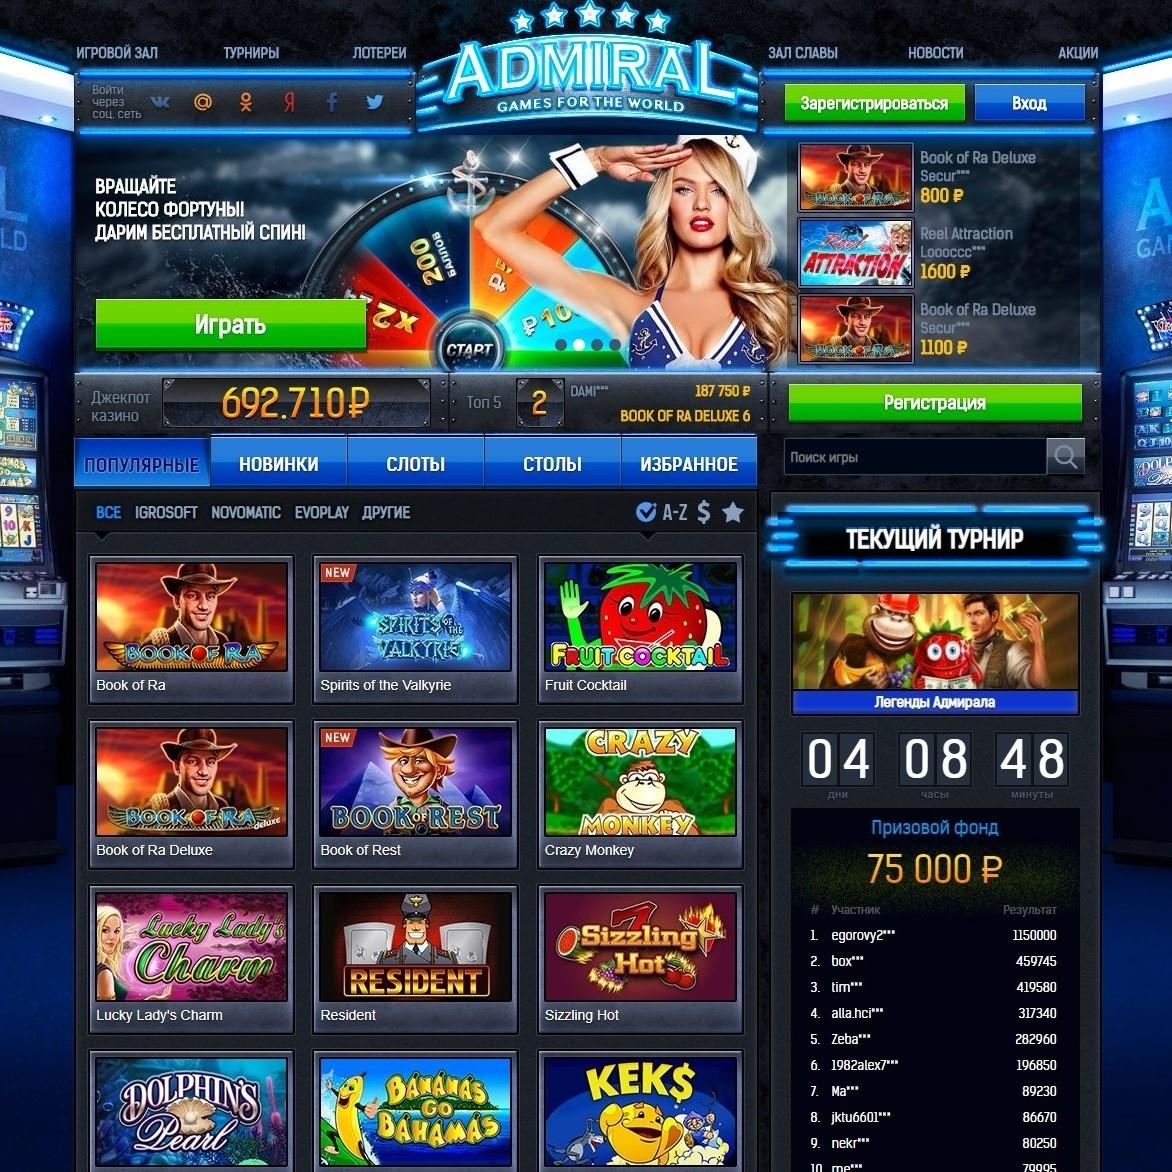 Скачать игровые автоматы на компьютер бесплатно gaminator смотреть онлайн сибирская рулетка дискавери